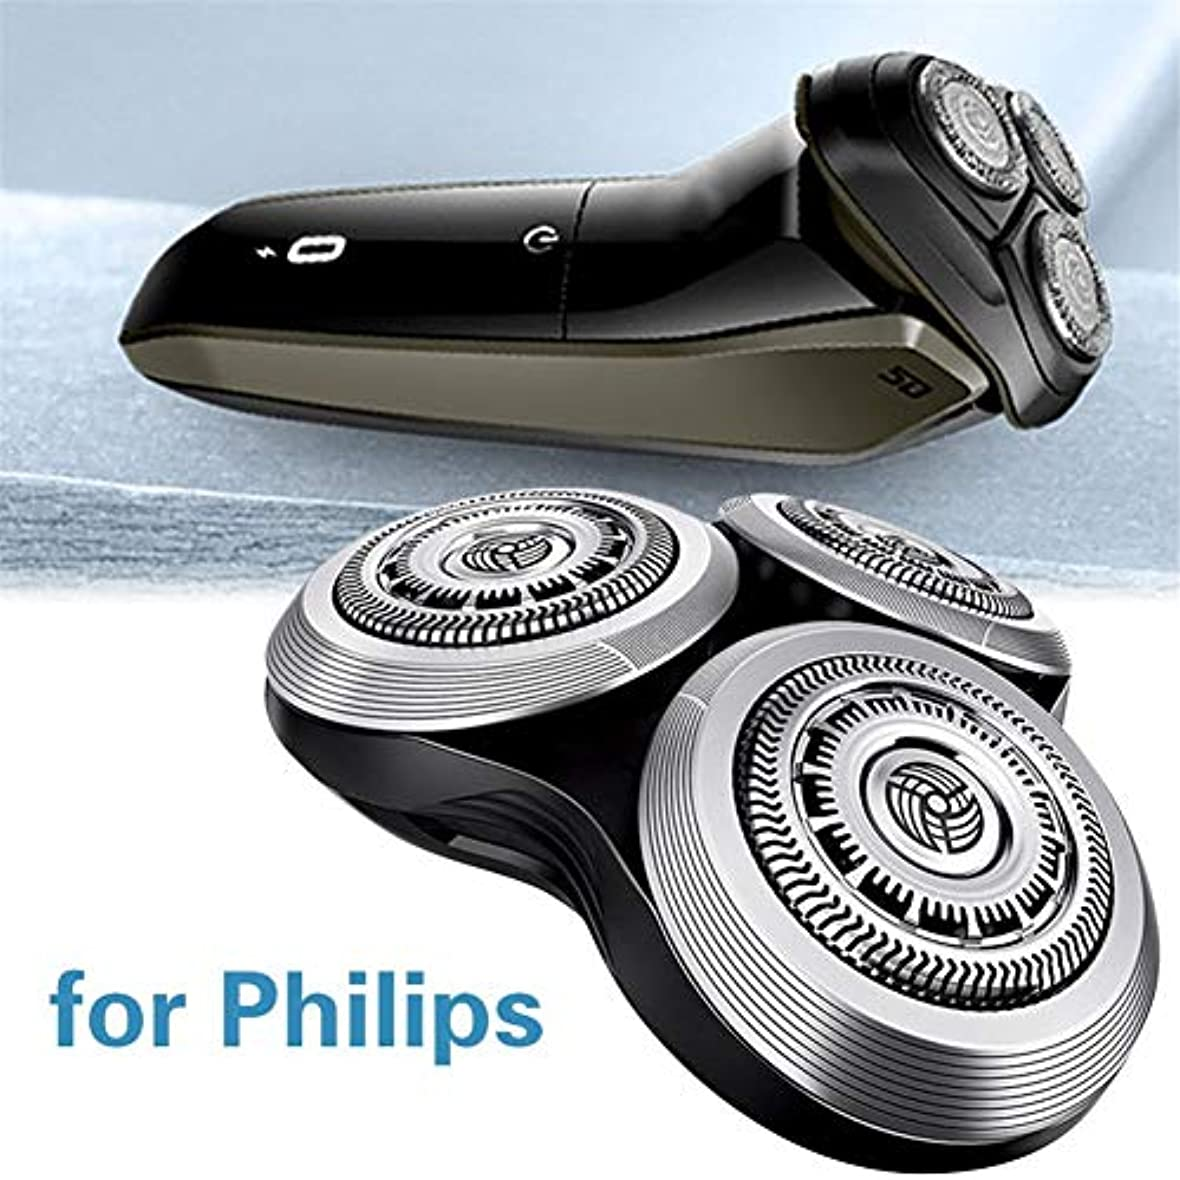 変えるハンカチ迫害clouday フィリップス用 シェーバー ヘッド 替刃 シェーバーカミソリヘッド交換替え刃 for Philips Norelco sh90 s9000 s7000 s8000 RQ12 RQ10 companionable